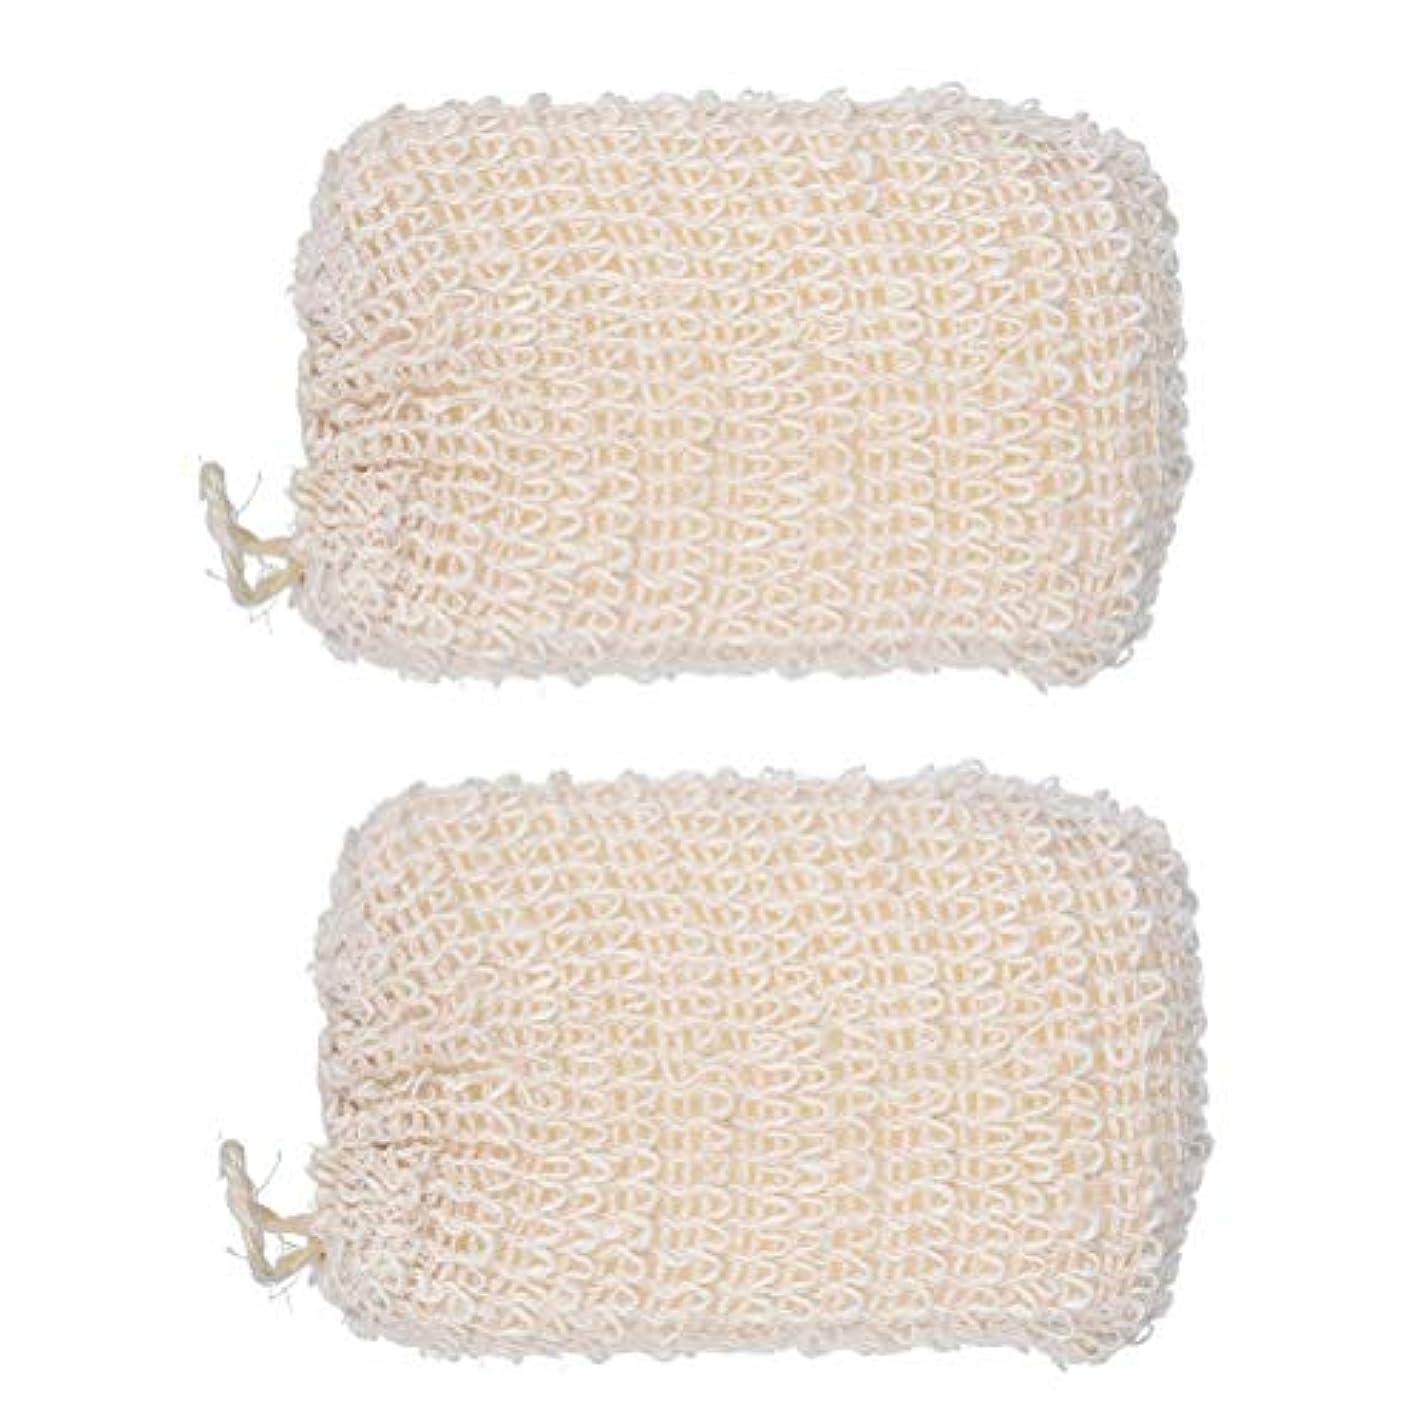 成長する含意中世のBeaupretty 2ピース風呂スポンジ植物綿とリネン風呂ブラシ柔らかい風呂スポンジスクラバー用女性赤ちゃん子供(ベージュ)